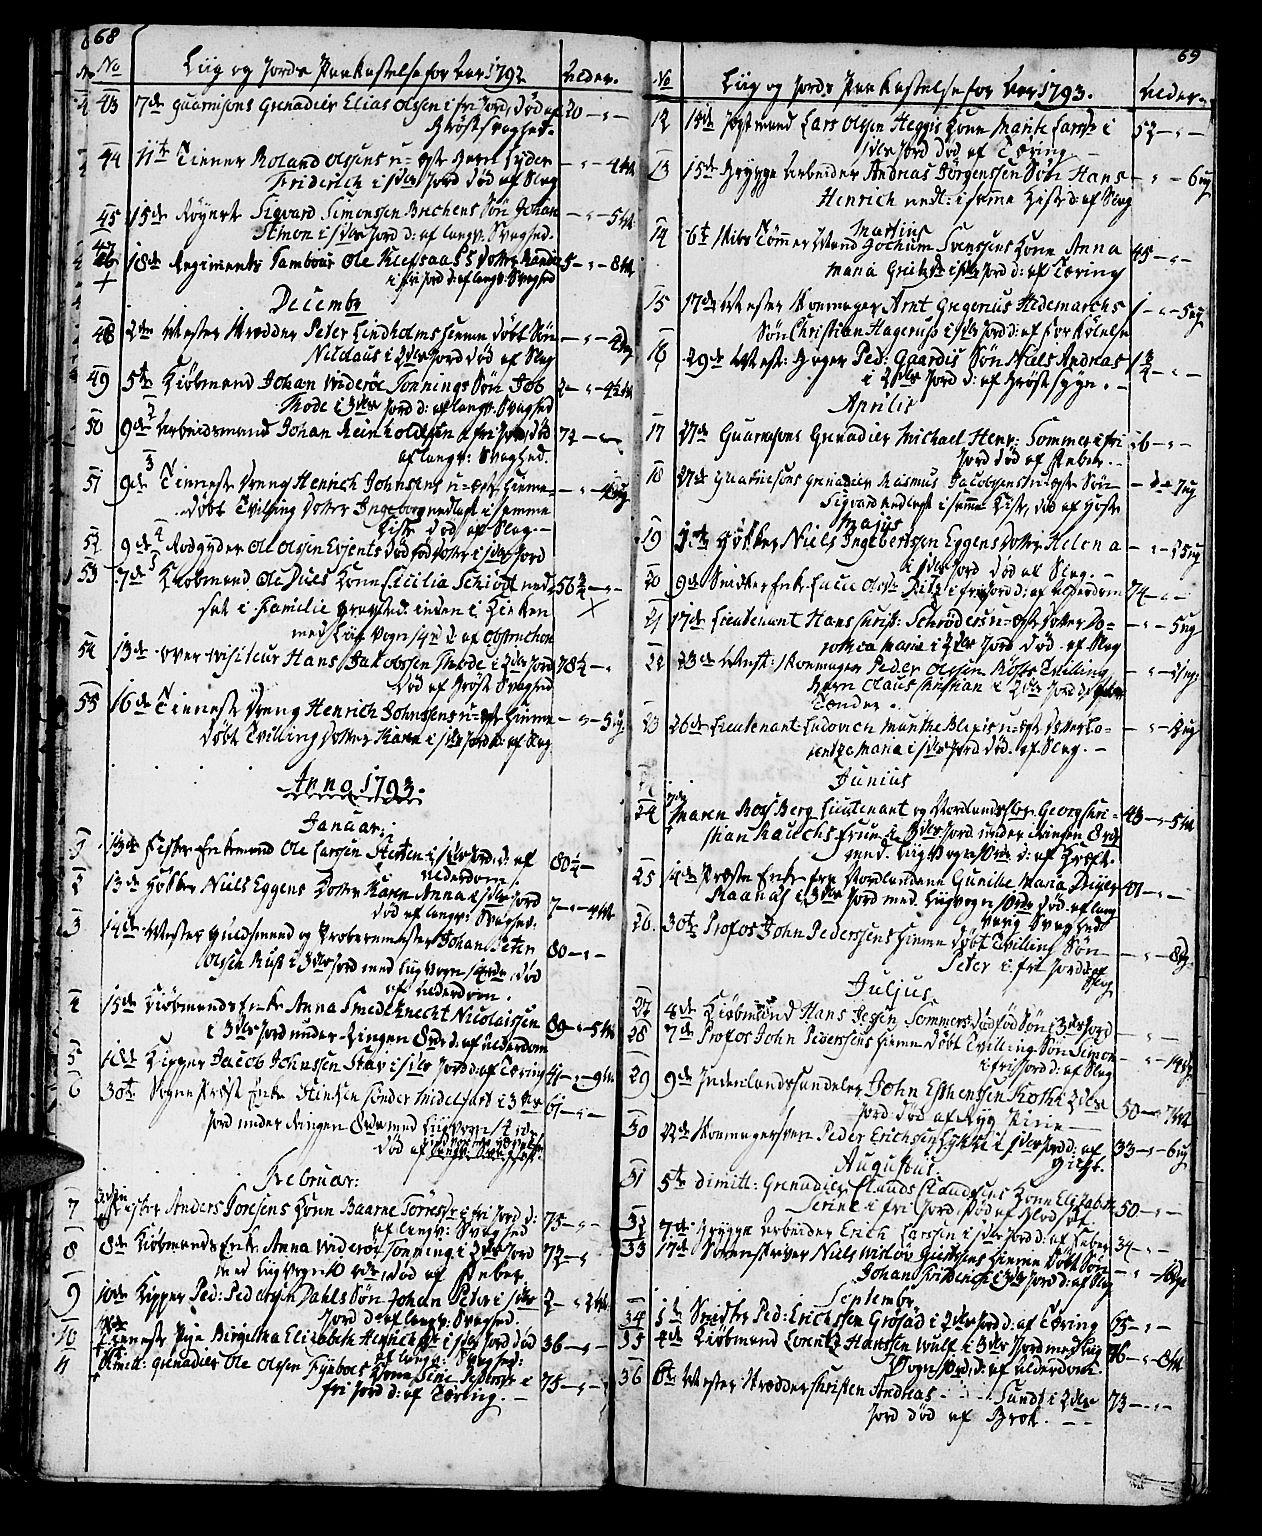 SAT, Ministerialprotokoller, klokkerbøker og fødselsregistre - Sør-Trøndelag, 602/L0134: Klokkerbok nr. 602C02, 1759-1812, s. 68-69